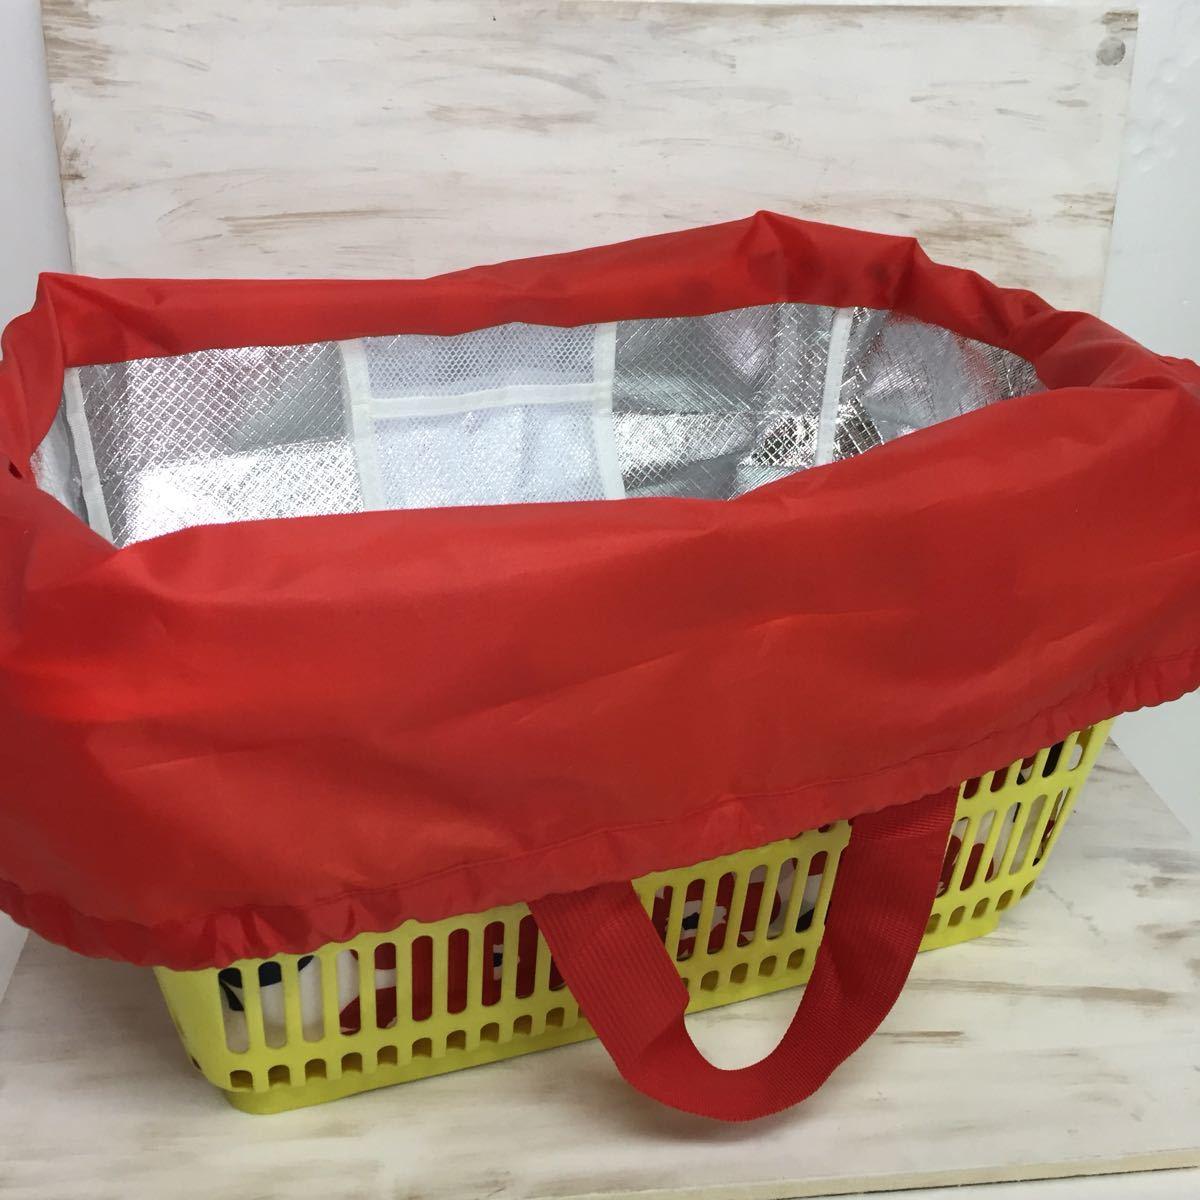 保冷バッグ エコバッグ レジバッグ 買い物バッグ ショッピングバッグ クーラーバッグ エコバッグ レディース フラワーレッド